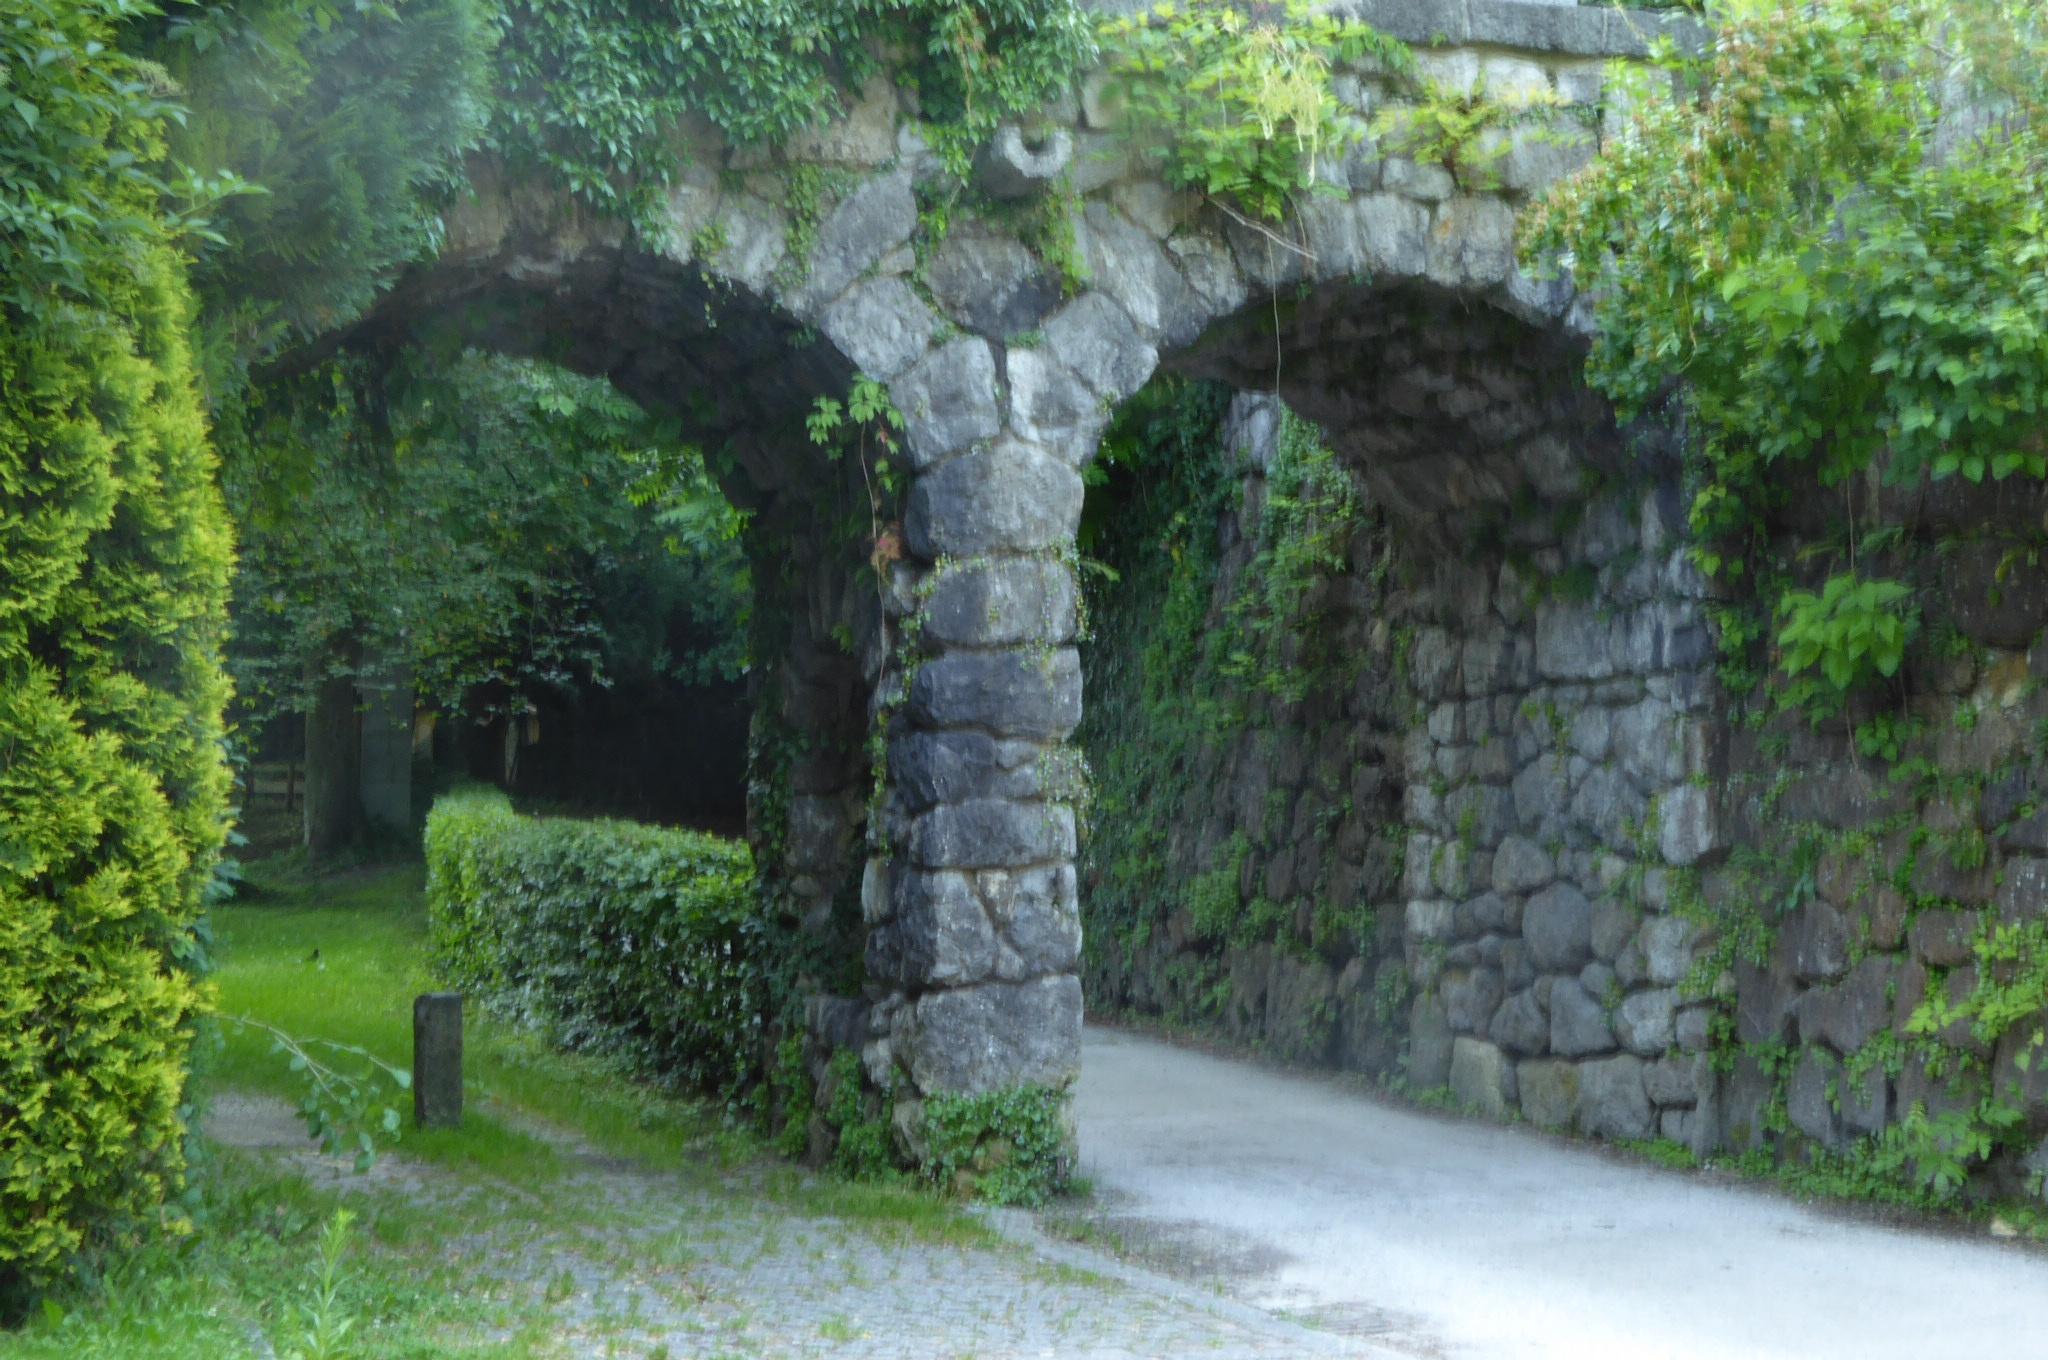 Entrance by Markus Springer